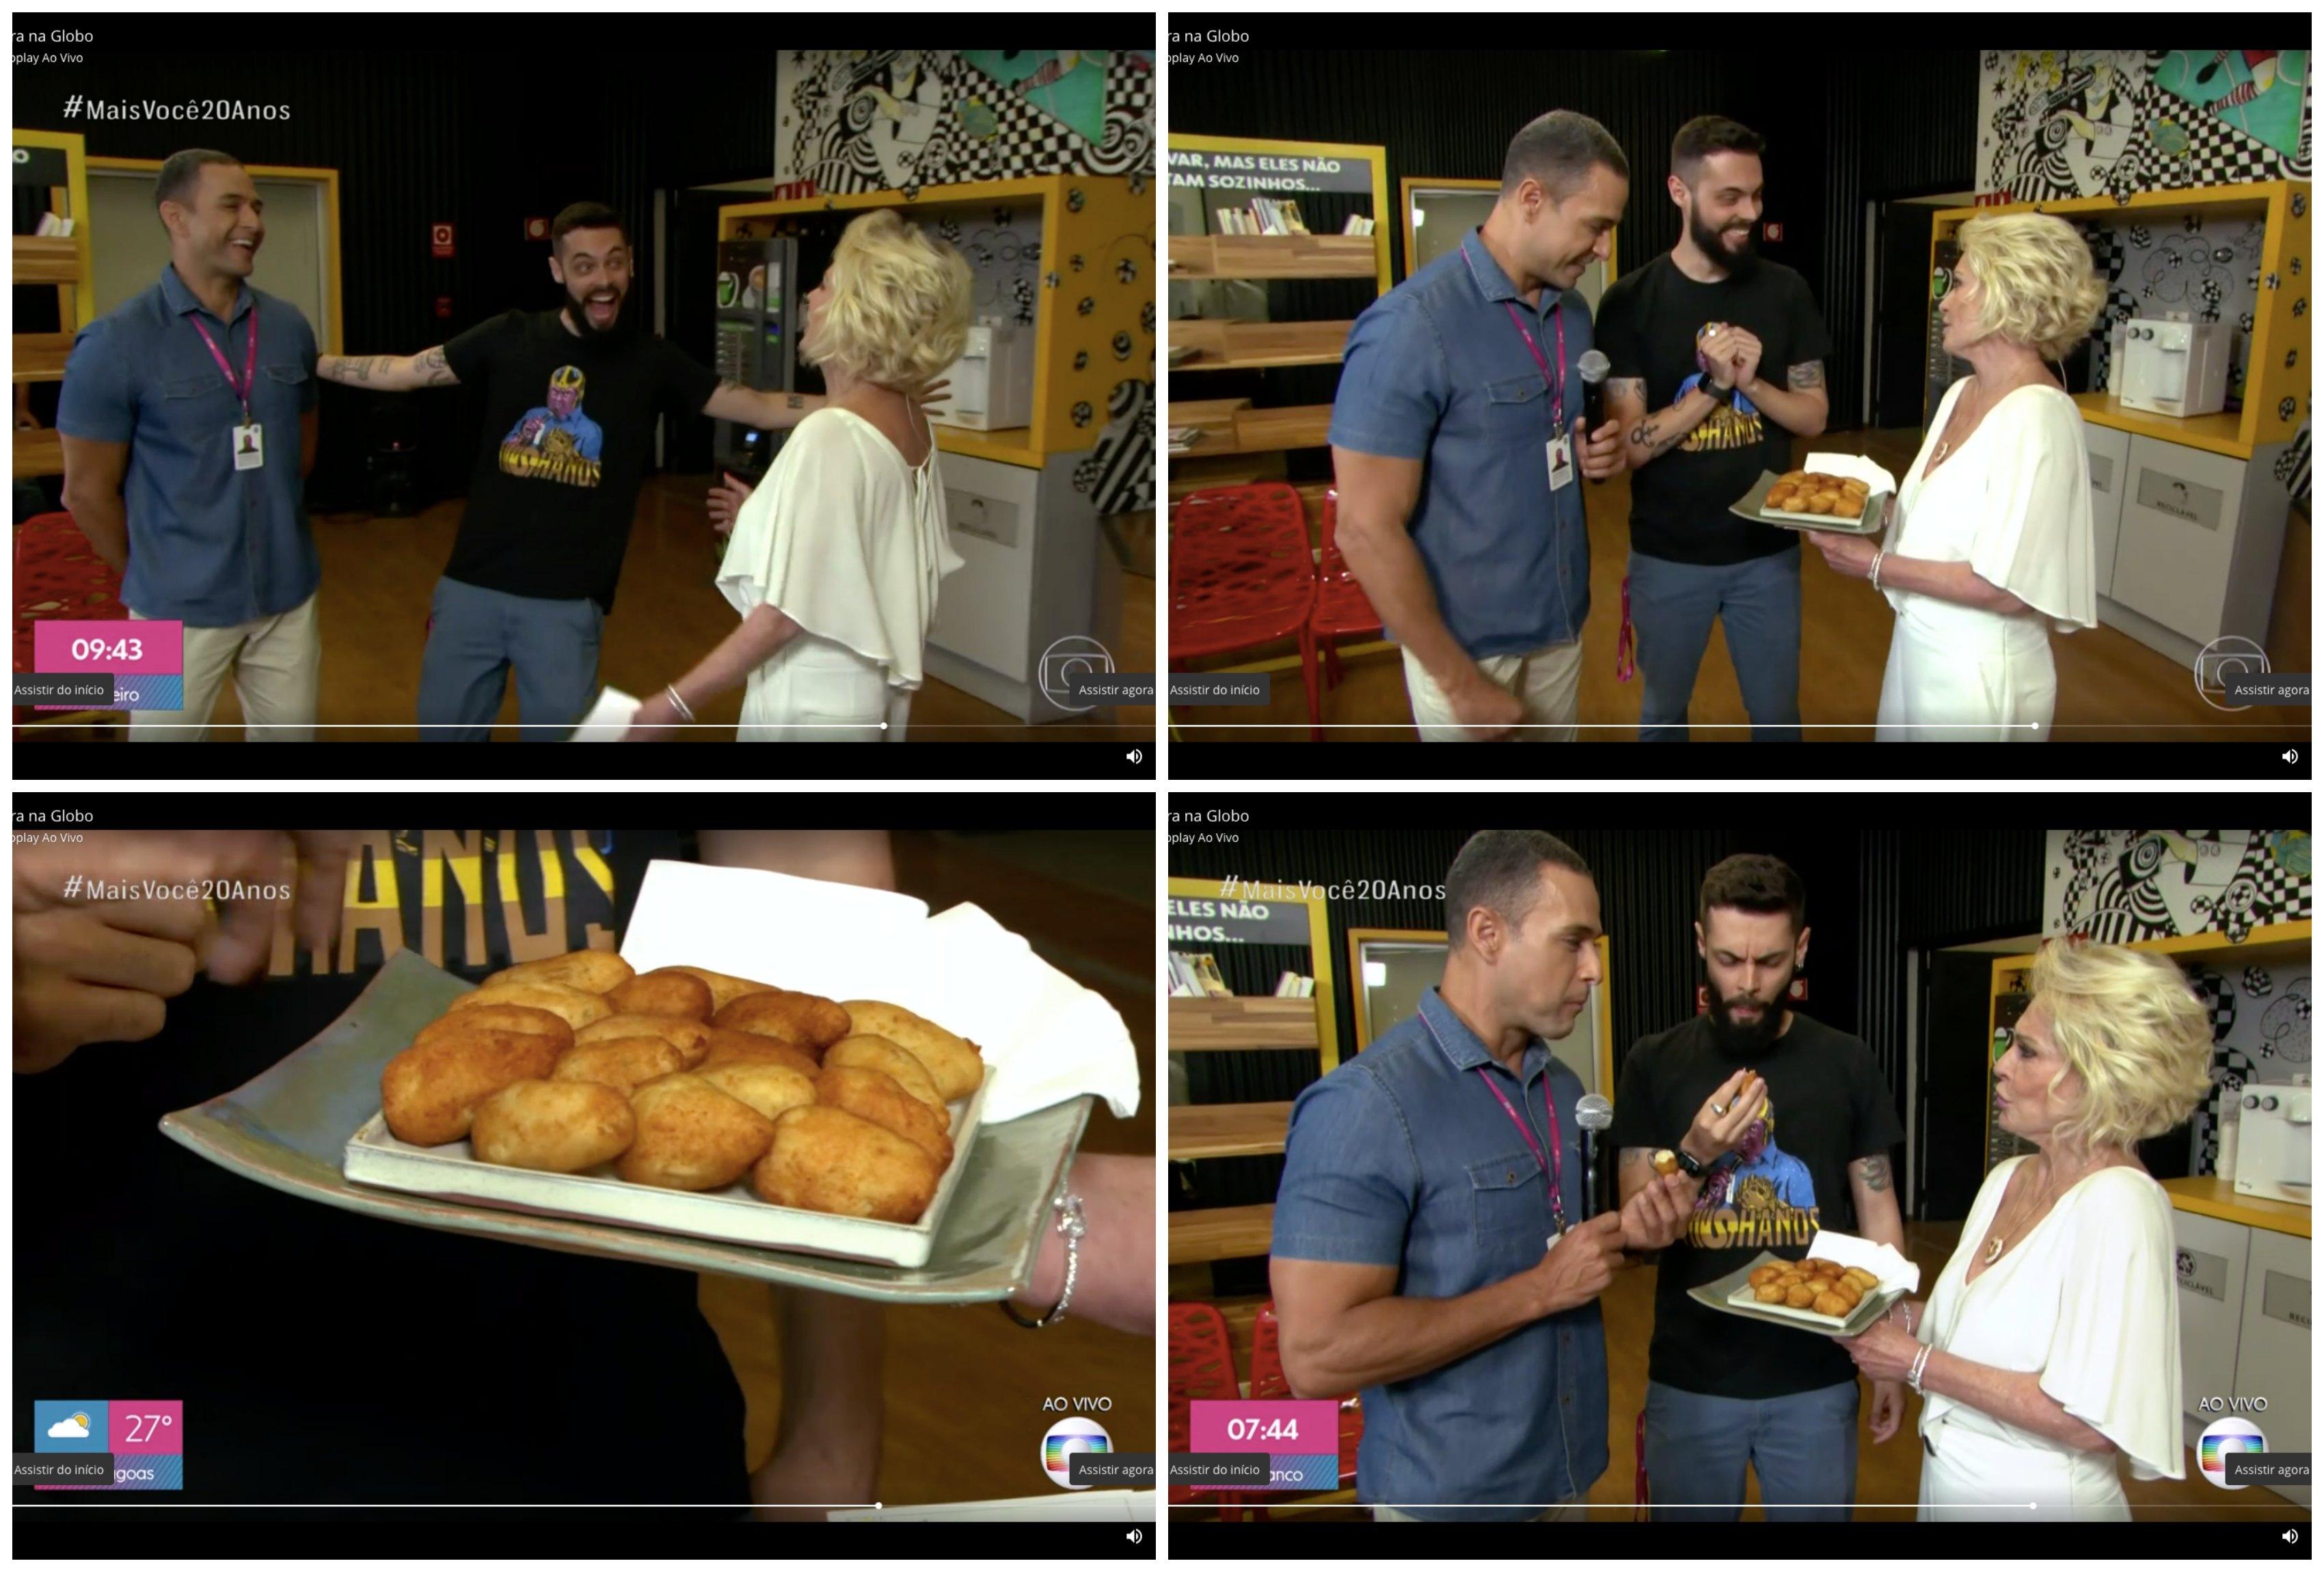 Ana Maria braga dando coxinhas para Cauê Fabiano e Felipe. Montagem: TV FOCO